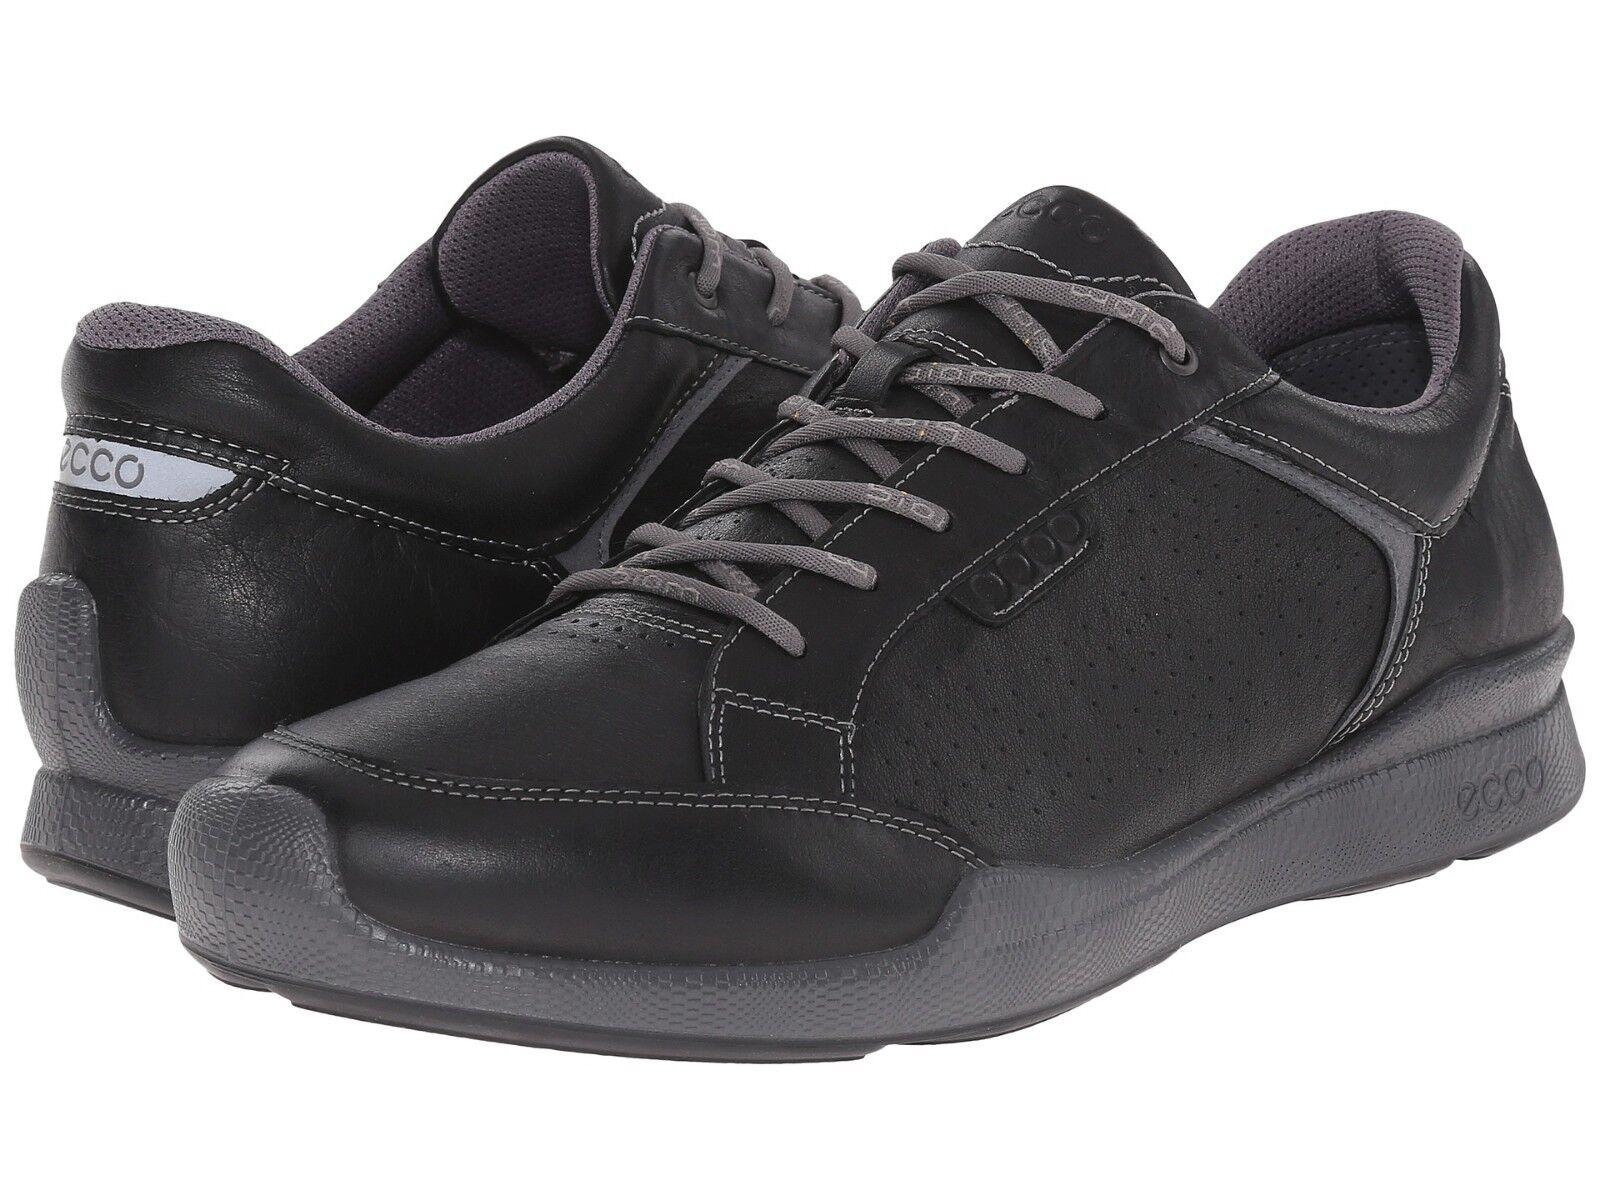 Homme ECCO Biom Hybrid Walk II en cuir noir Turnchaussures 835534